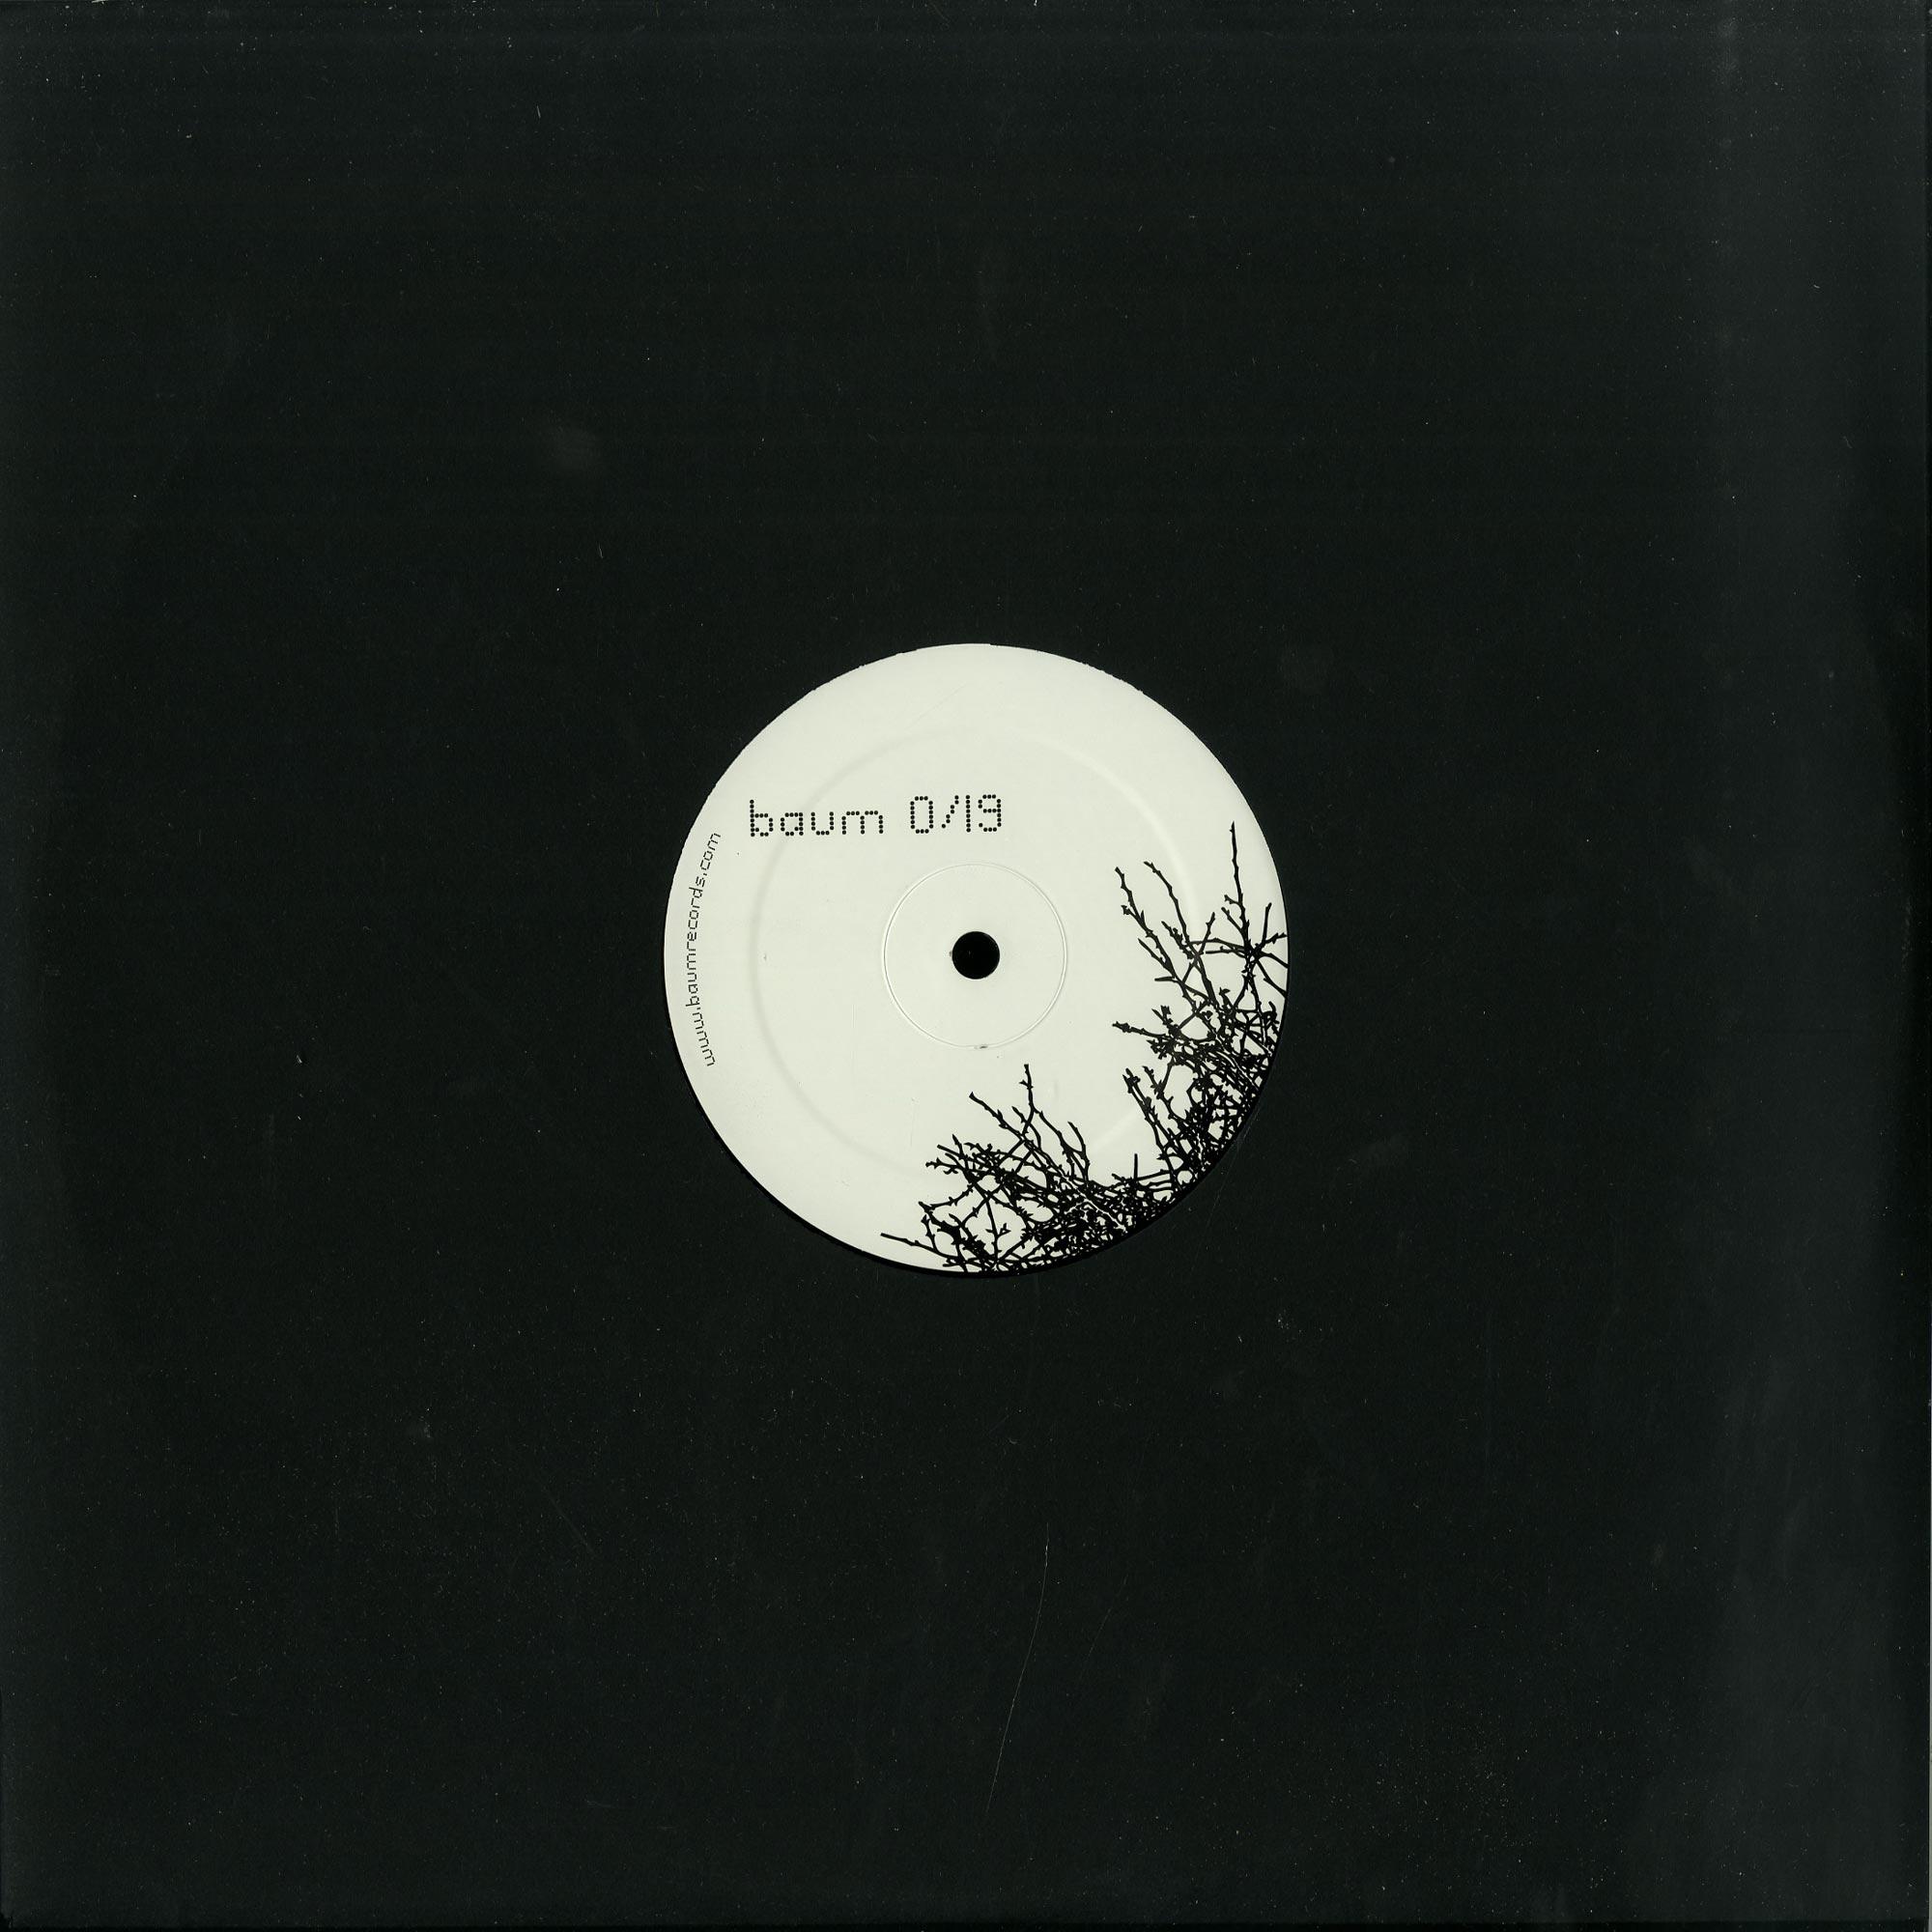 Mike Schommer - LAERCHENBAUM EP